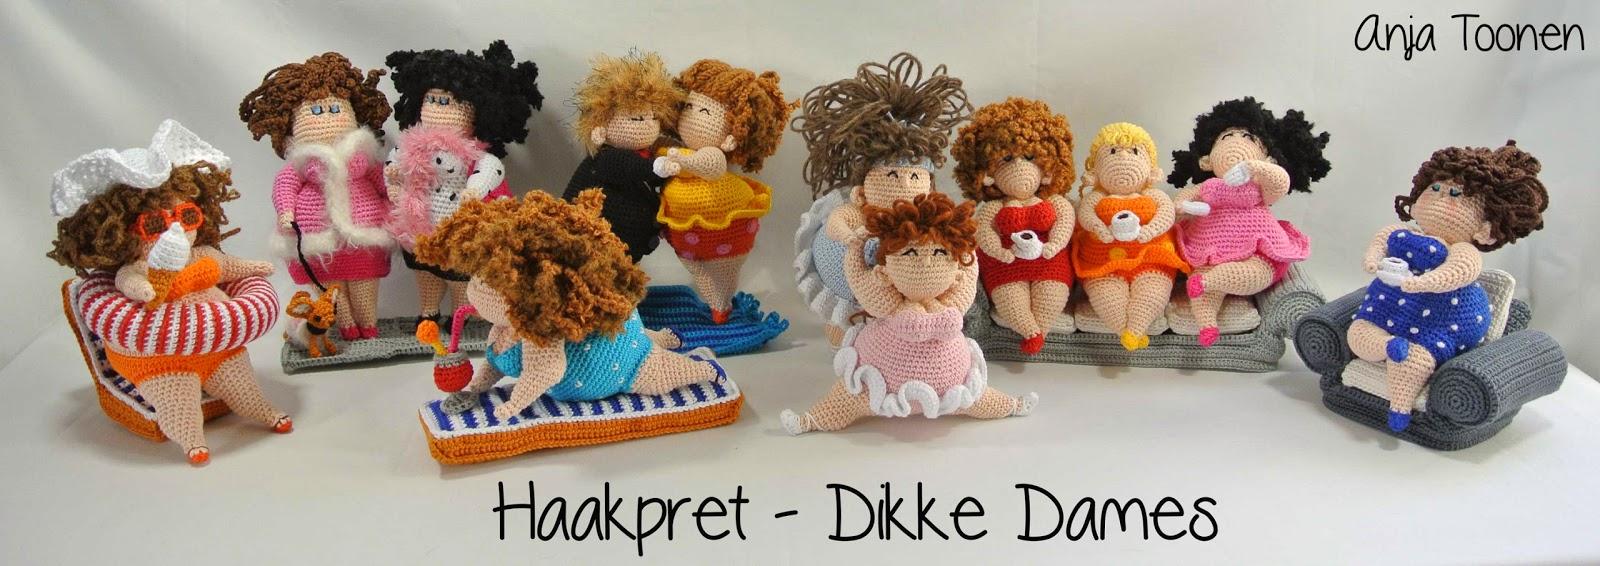 Haakpret November 2014